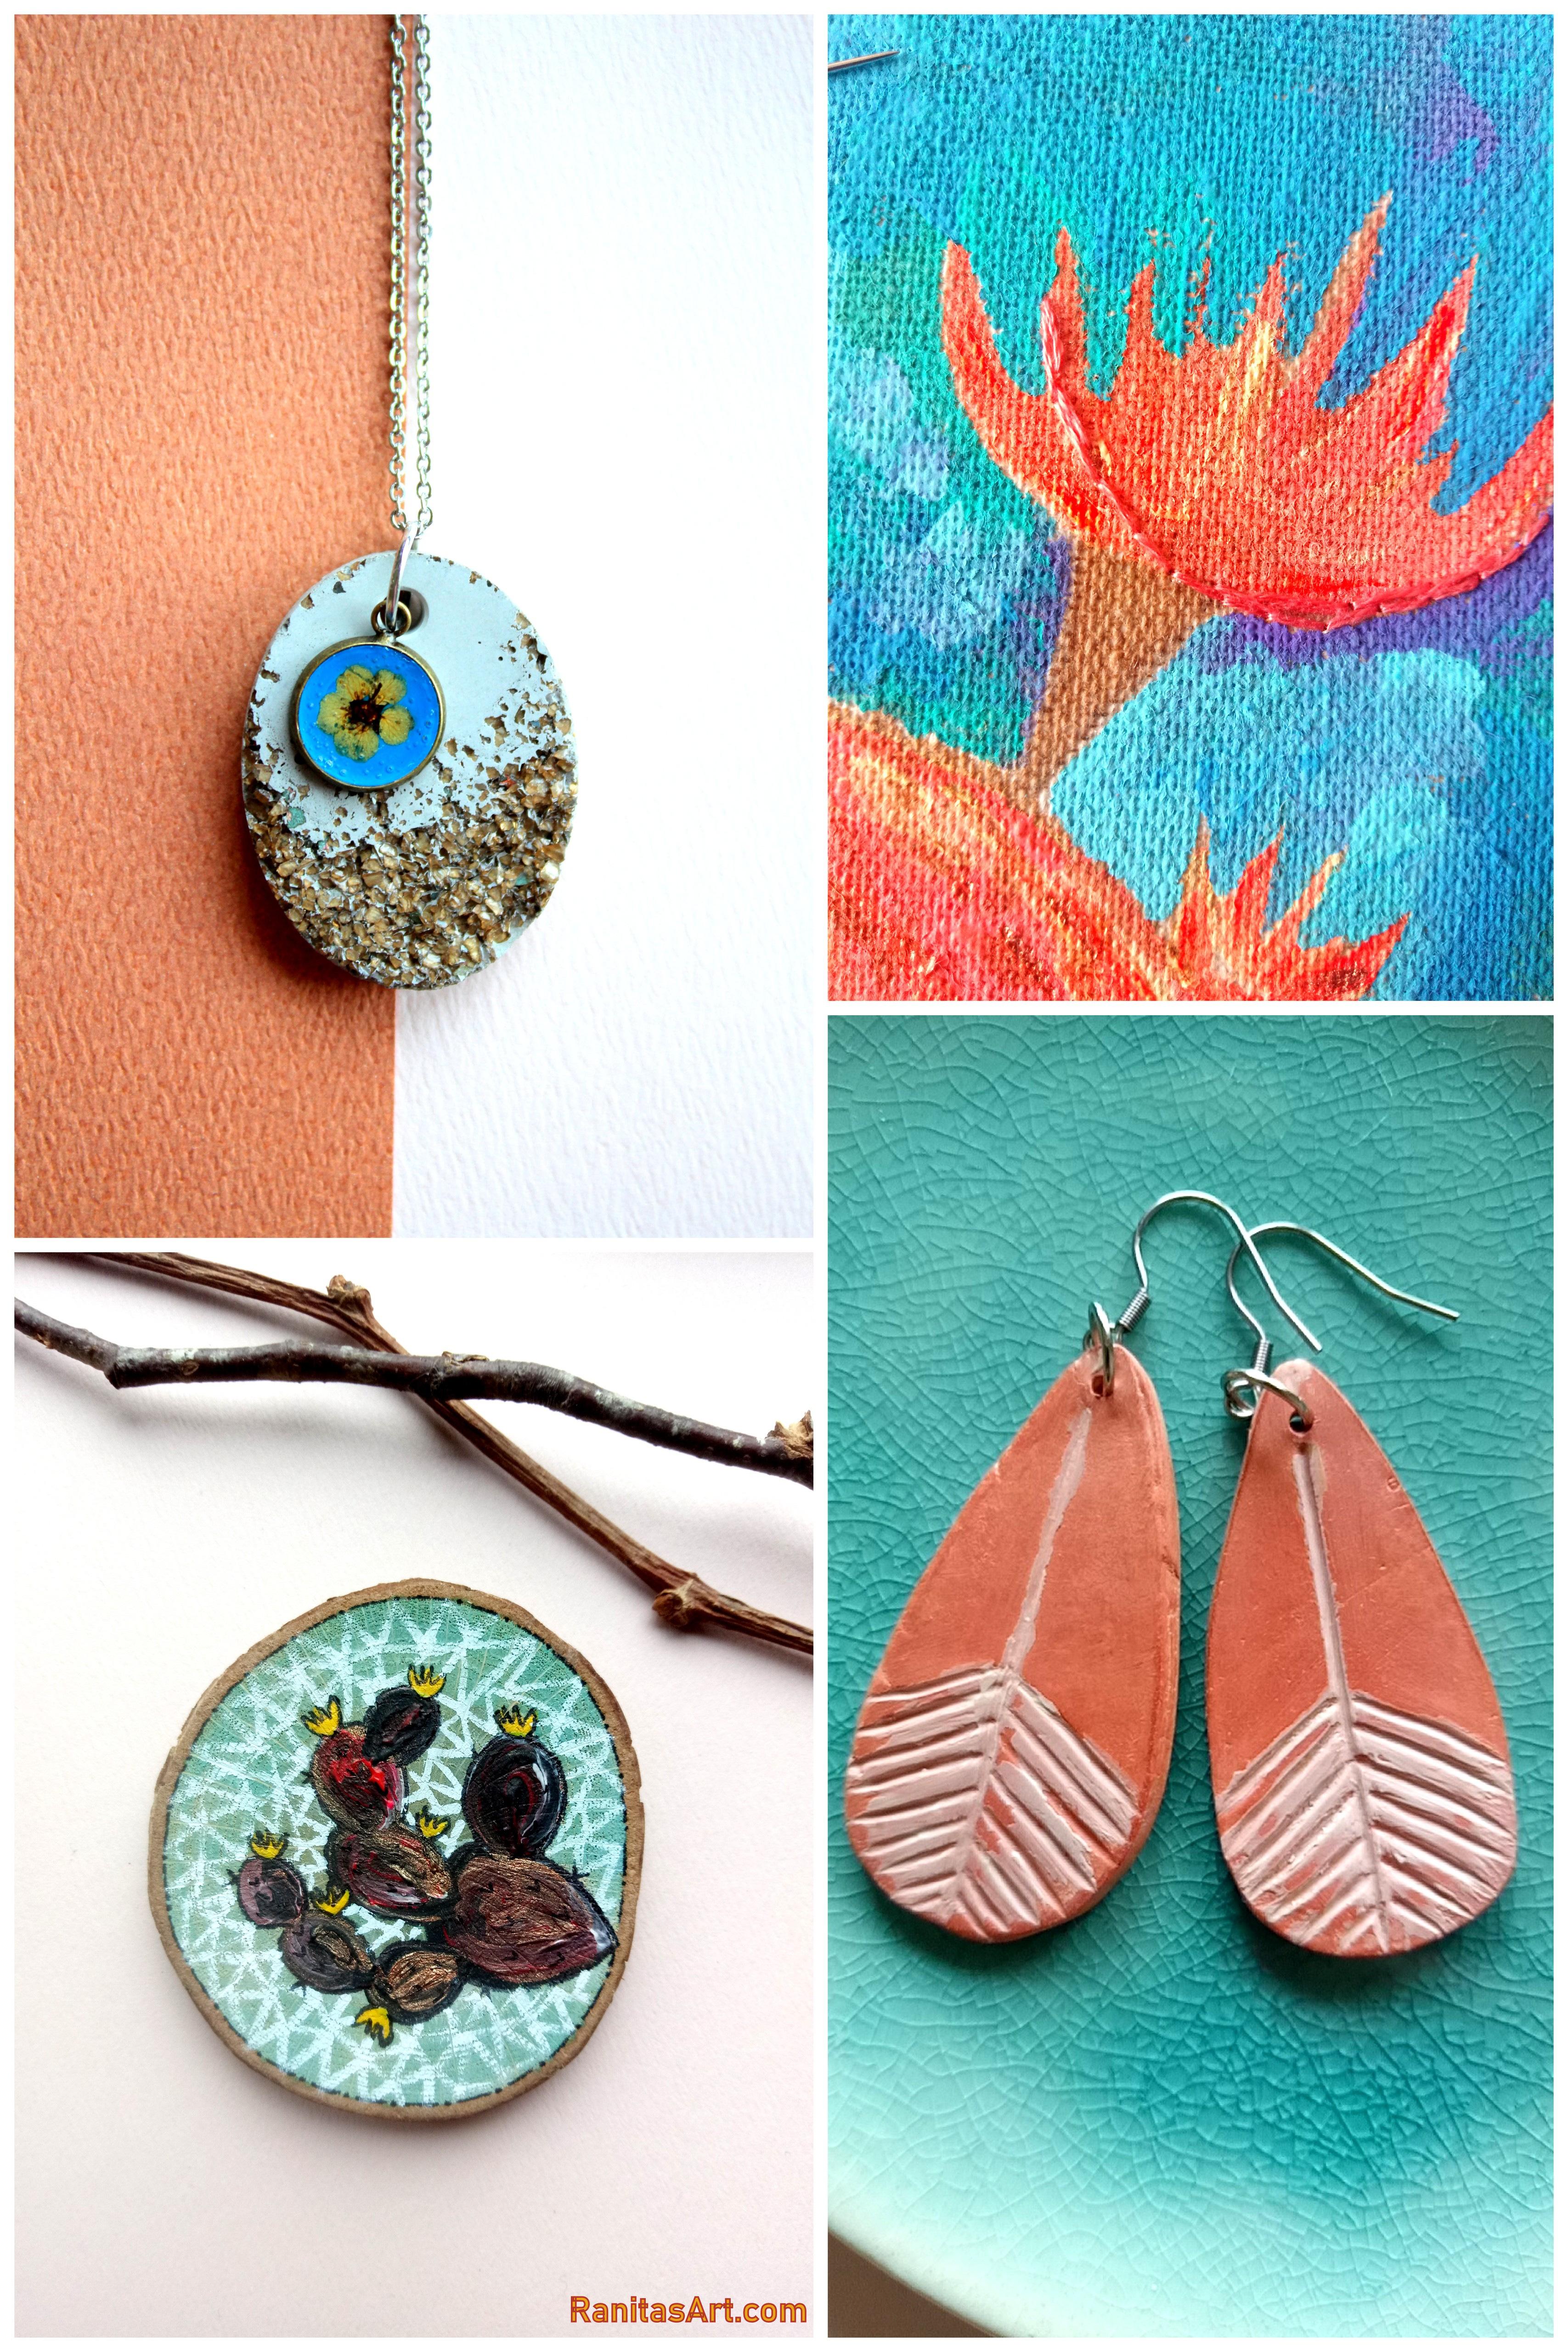 Handmades from Ranitasart.com